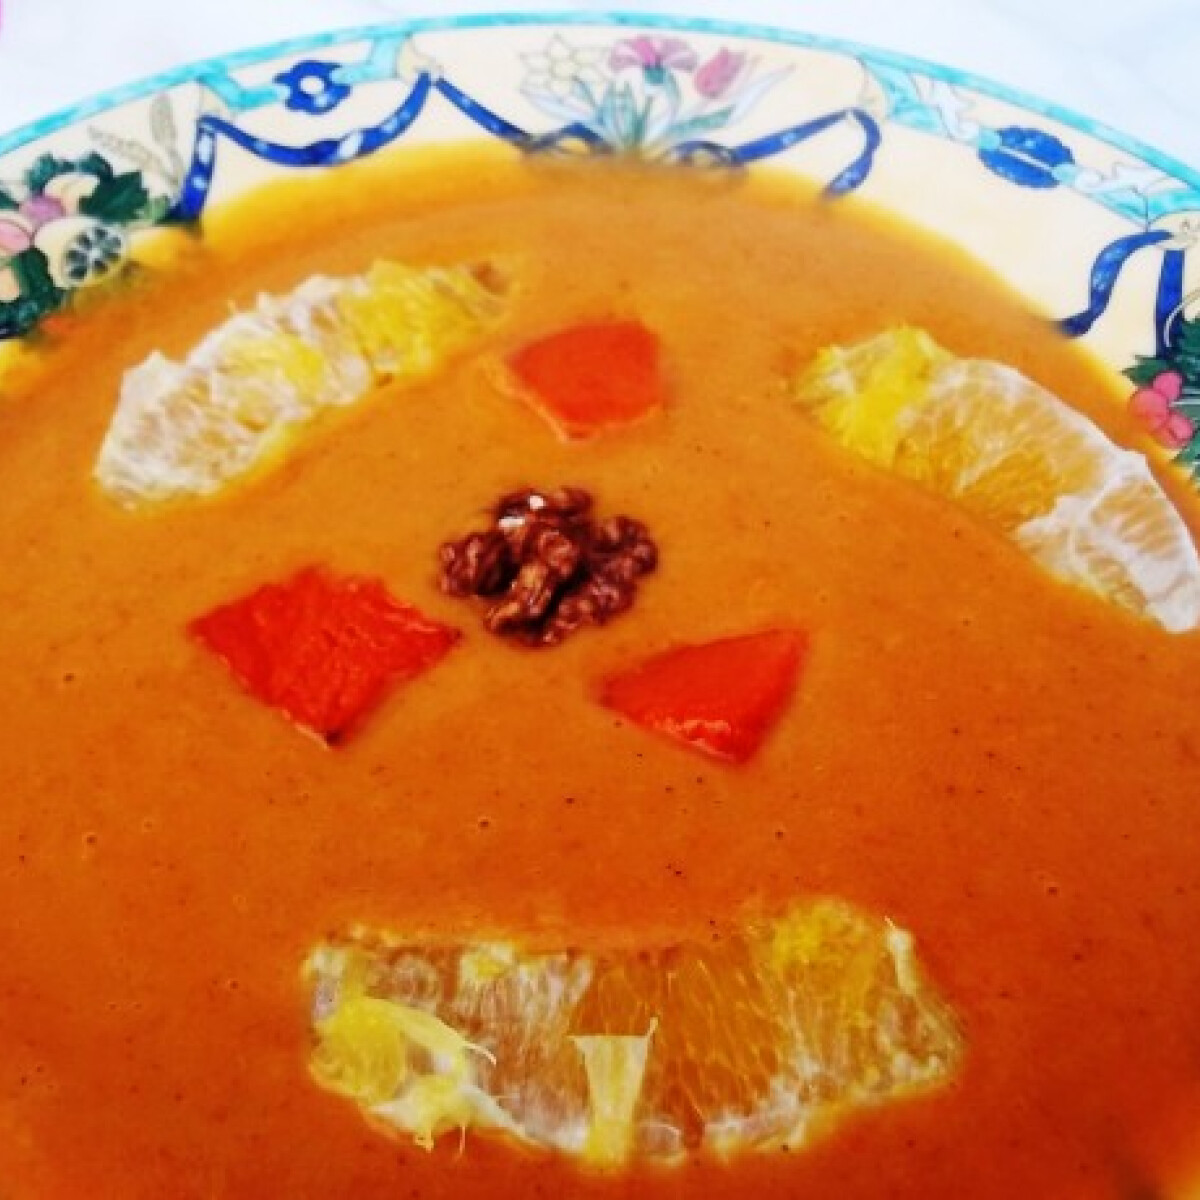 Ezen a képen: Sárgarépás-narancsos sütőtökkrémleves